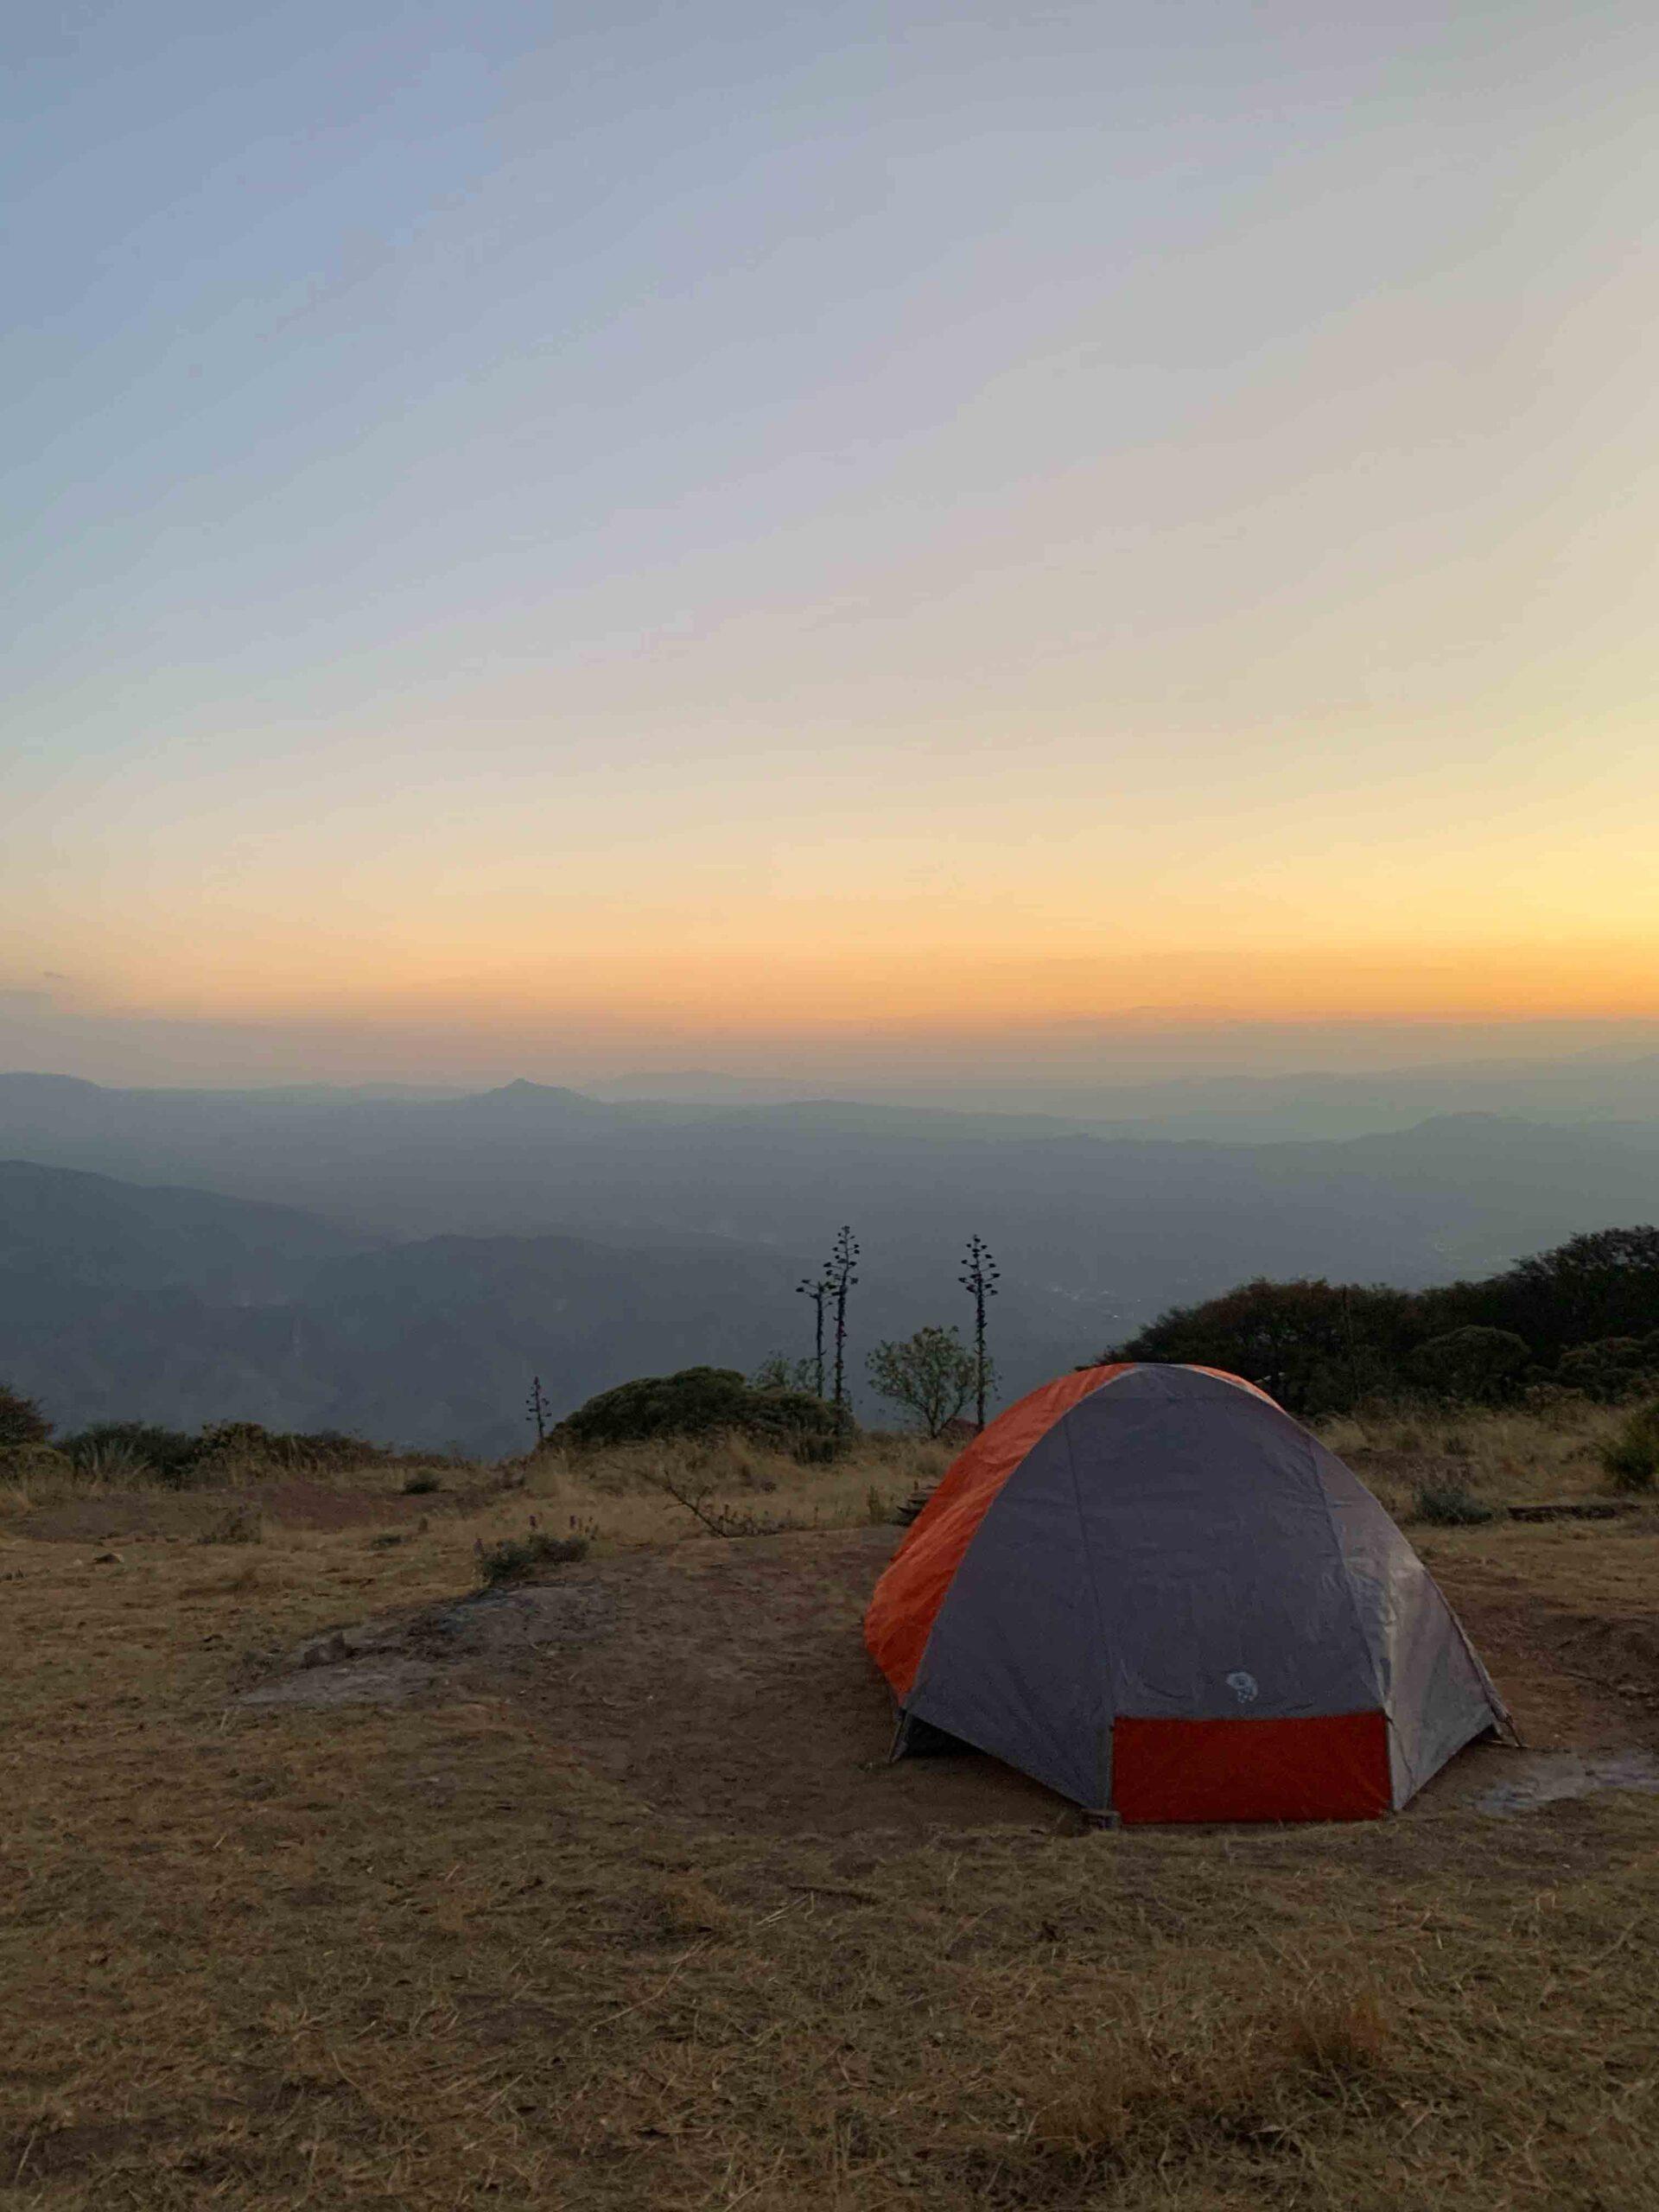 acampando mirador 4 palos